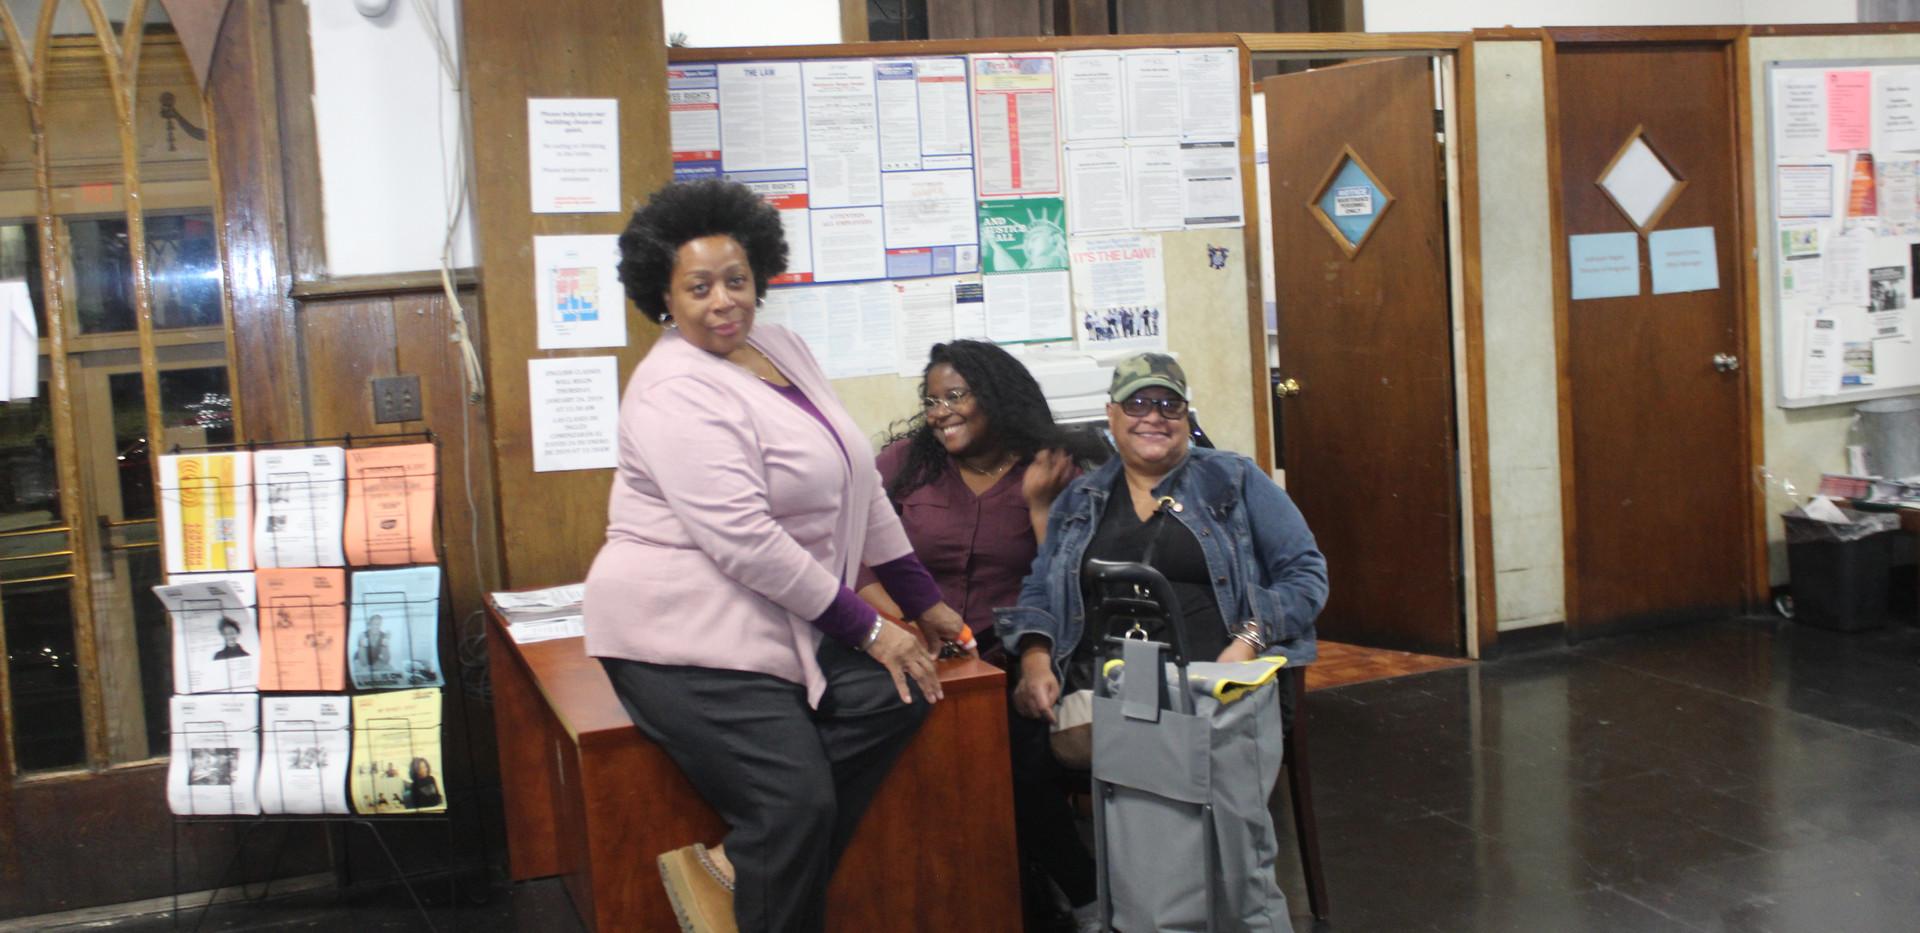 YWCA team